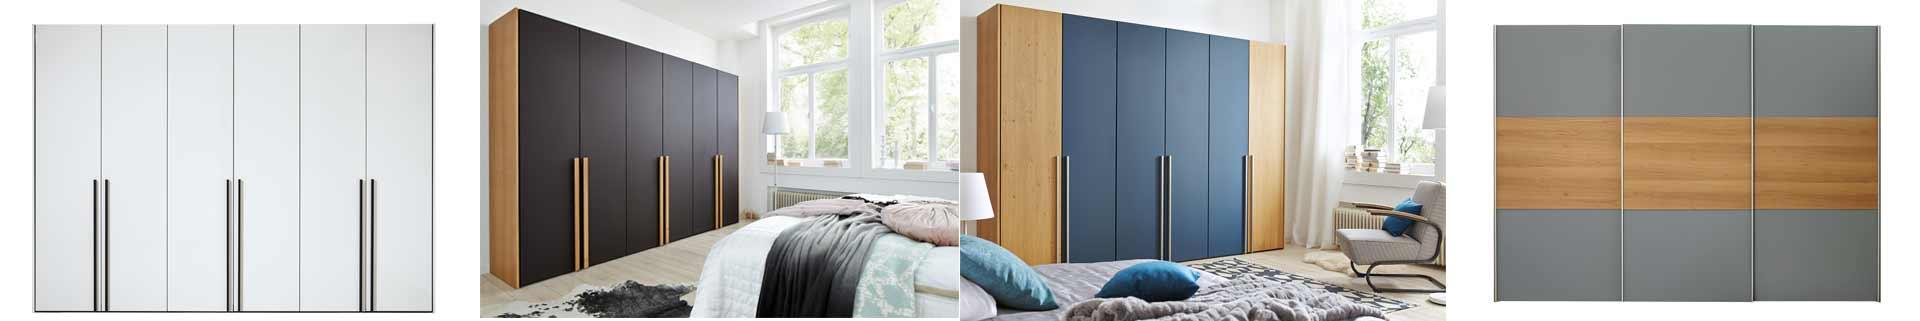 natura colorado von natura einrichten in moormerland ot warsingsfehn nahe leer ostfriesland. Black Bedroom Furniture Sets. Home Design Ideas